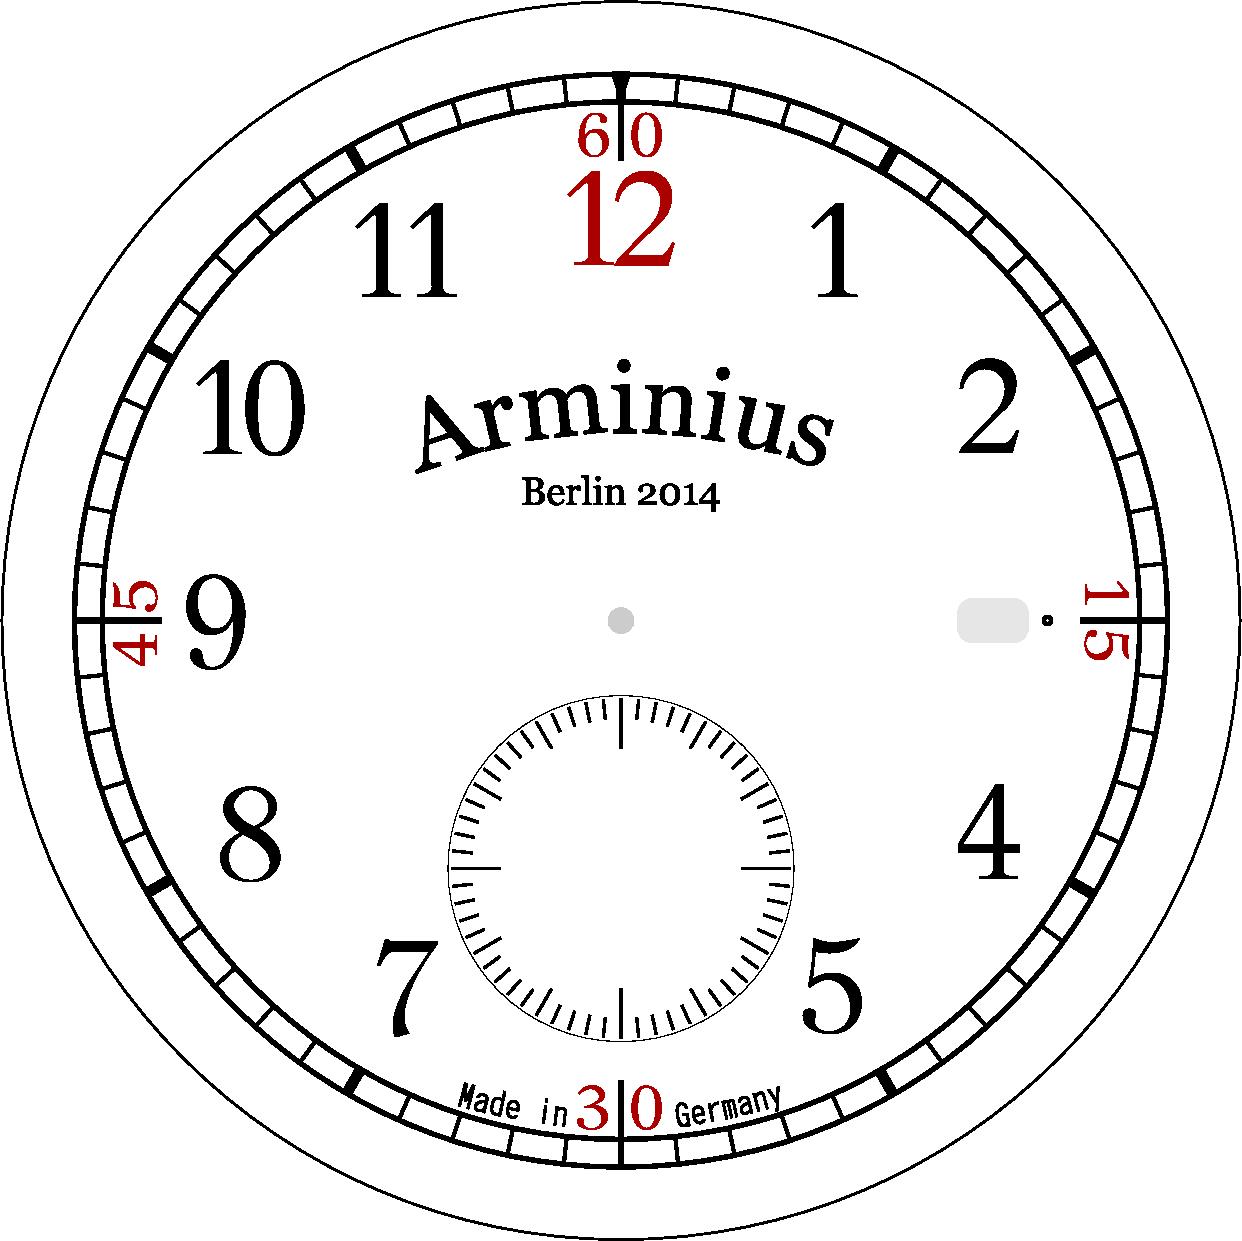 Grafikprogramm Für Zifferblattentwurf Gesucht